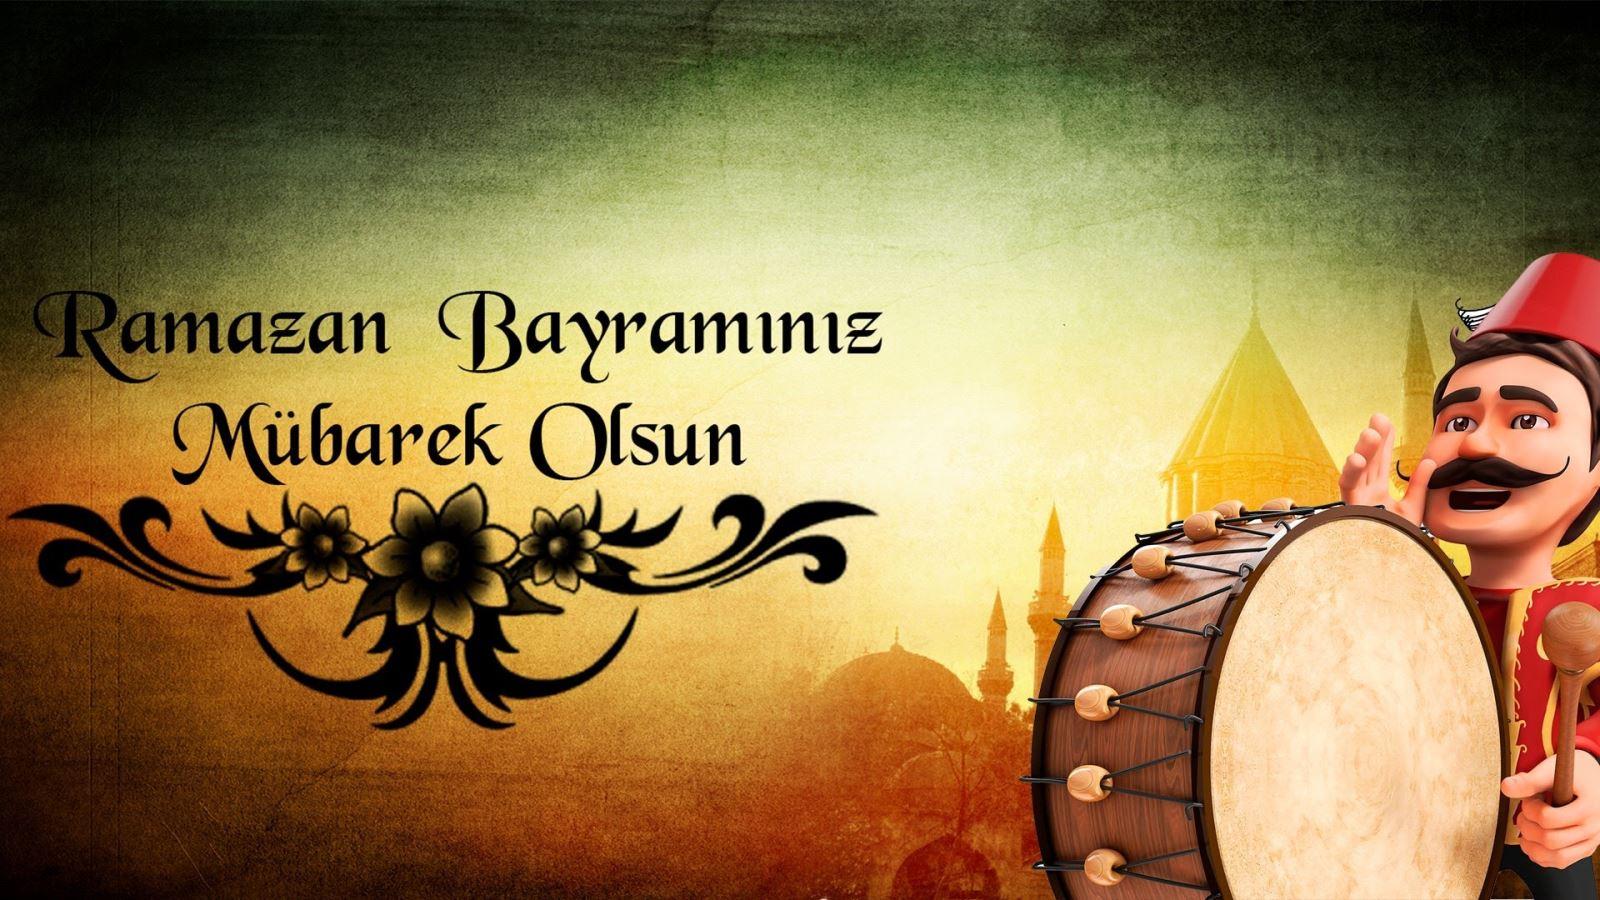 Рамазан картинки поздравления на турецком языке, свою фотку открытку